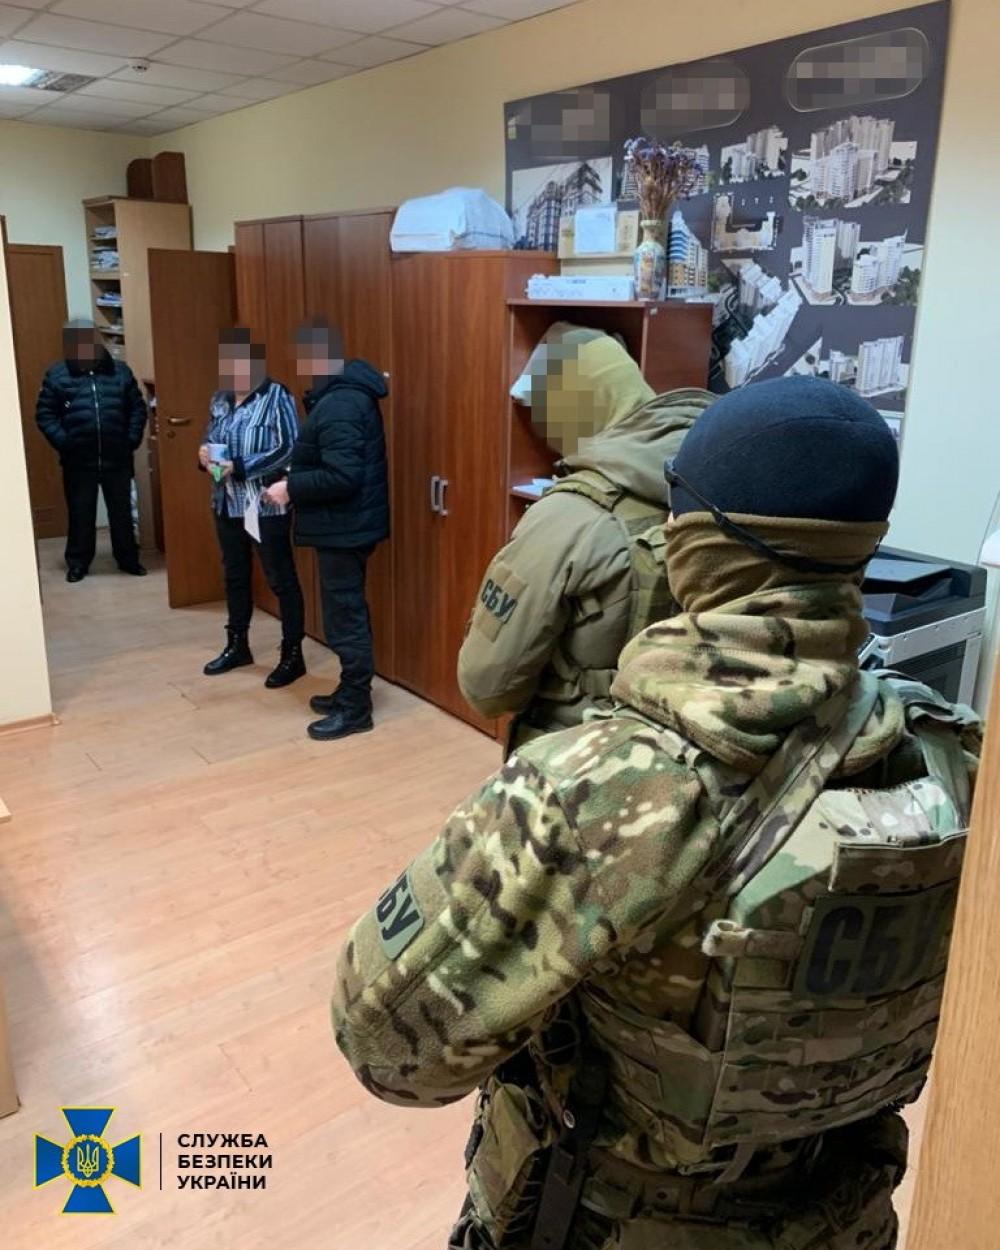 Одесские чиновники незаконно переоформили землю Госслужбы спецсвязи под застройку